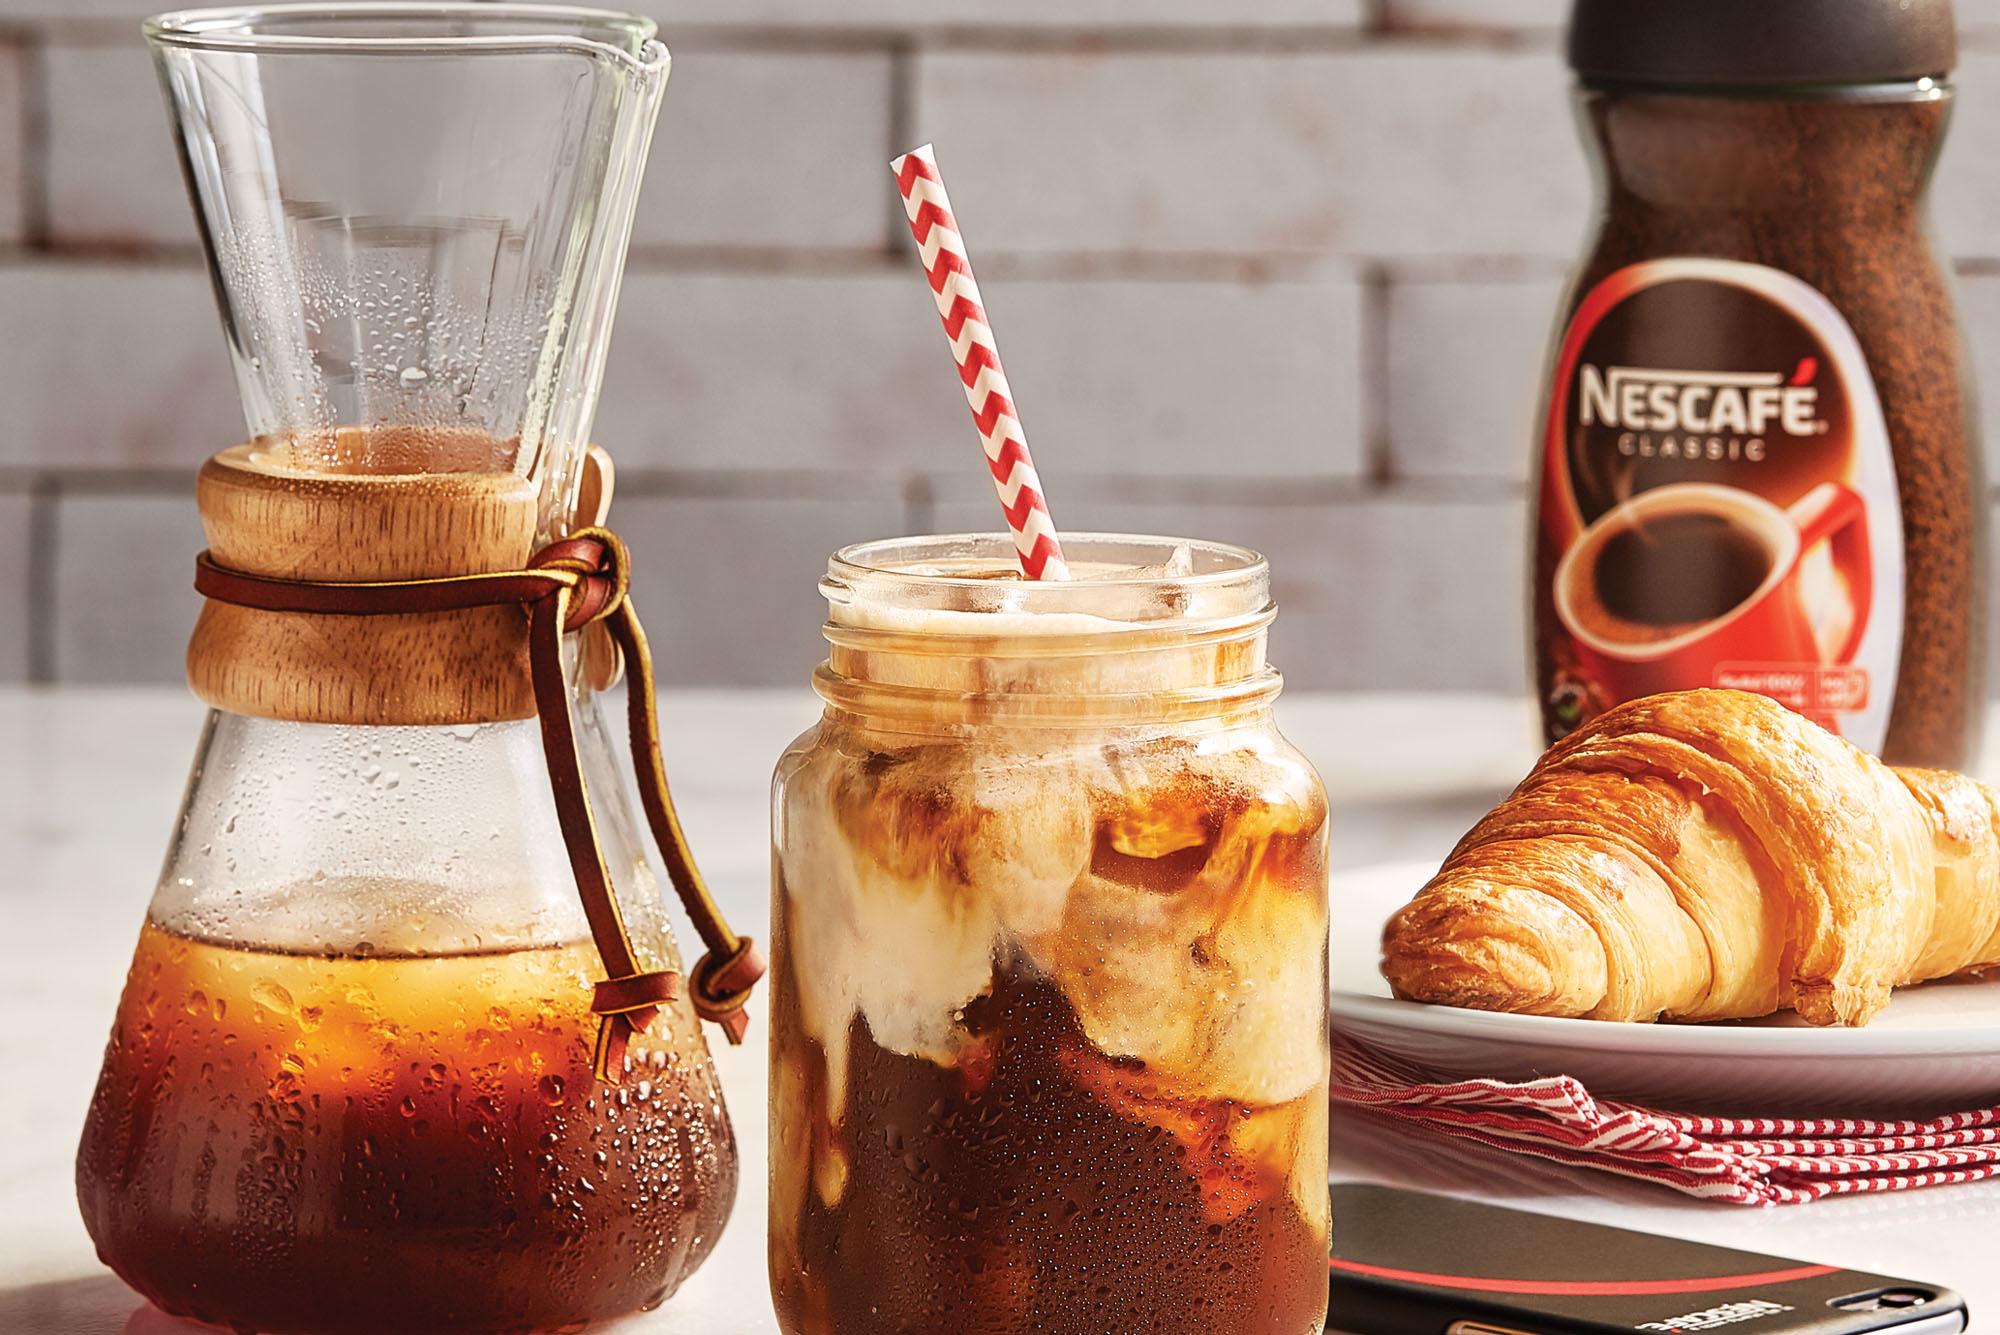 Nescafé Ice